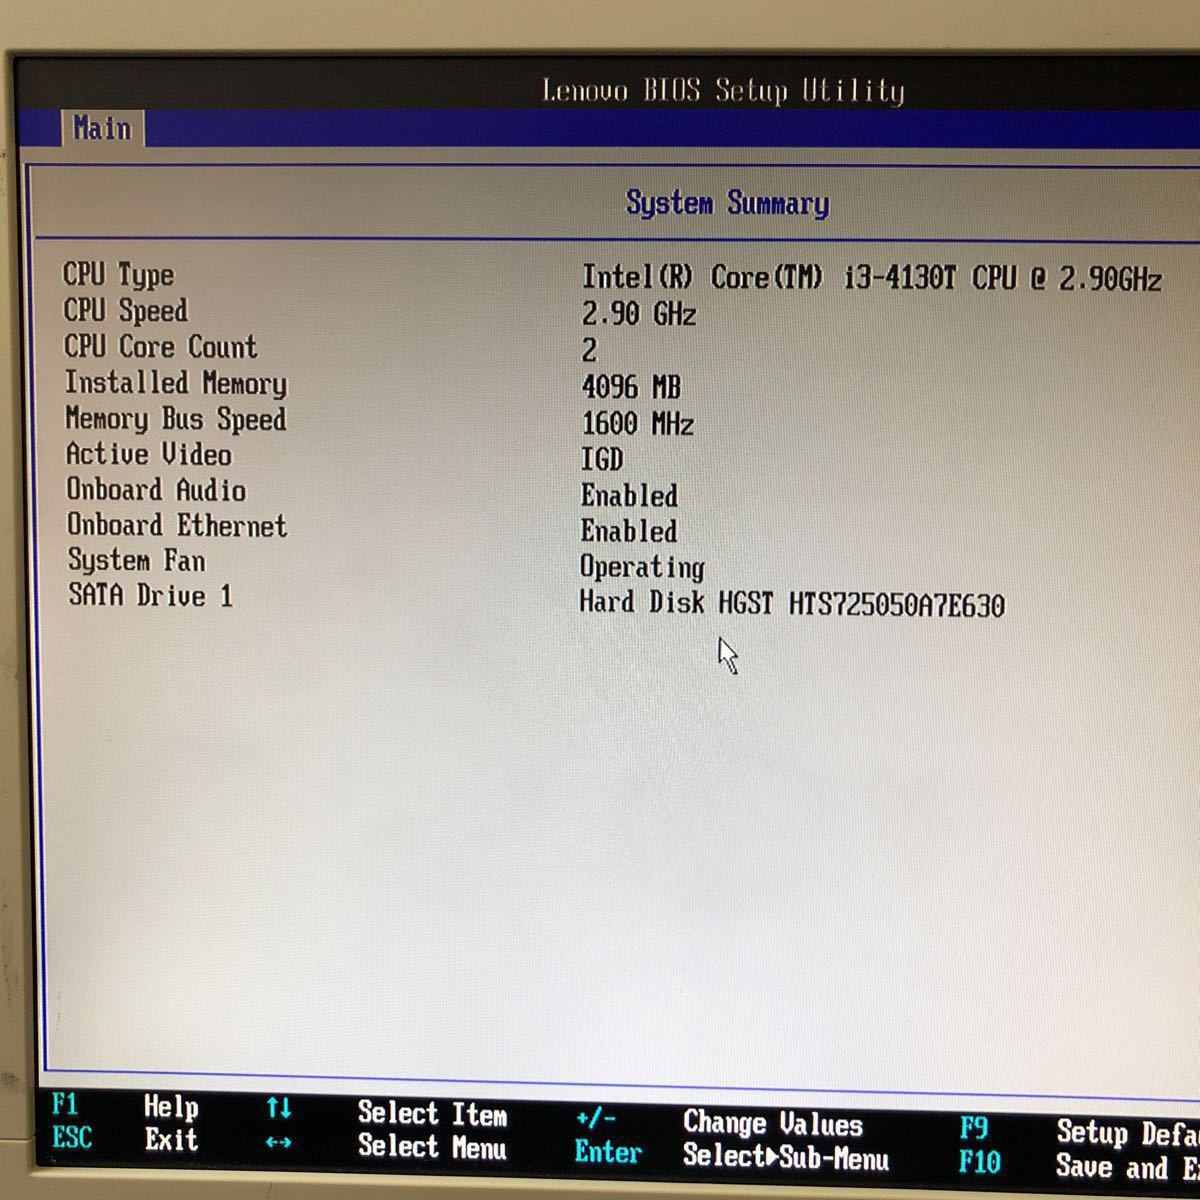 美品 Lenovo ThinkCentre M73 10AX-004UJP Intel Core i3-4130T 2.90GHz DDR3 4GB 500GB HDD搭載 壁掛け金具付き 2014年製 Windows8 現状品_画像3